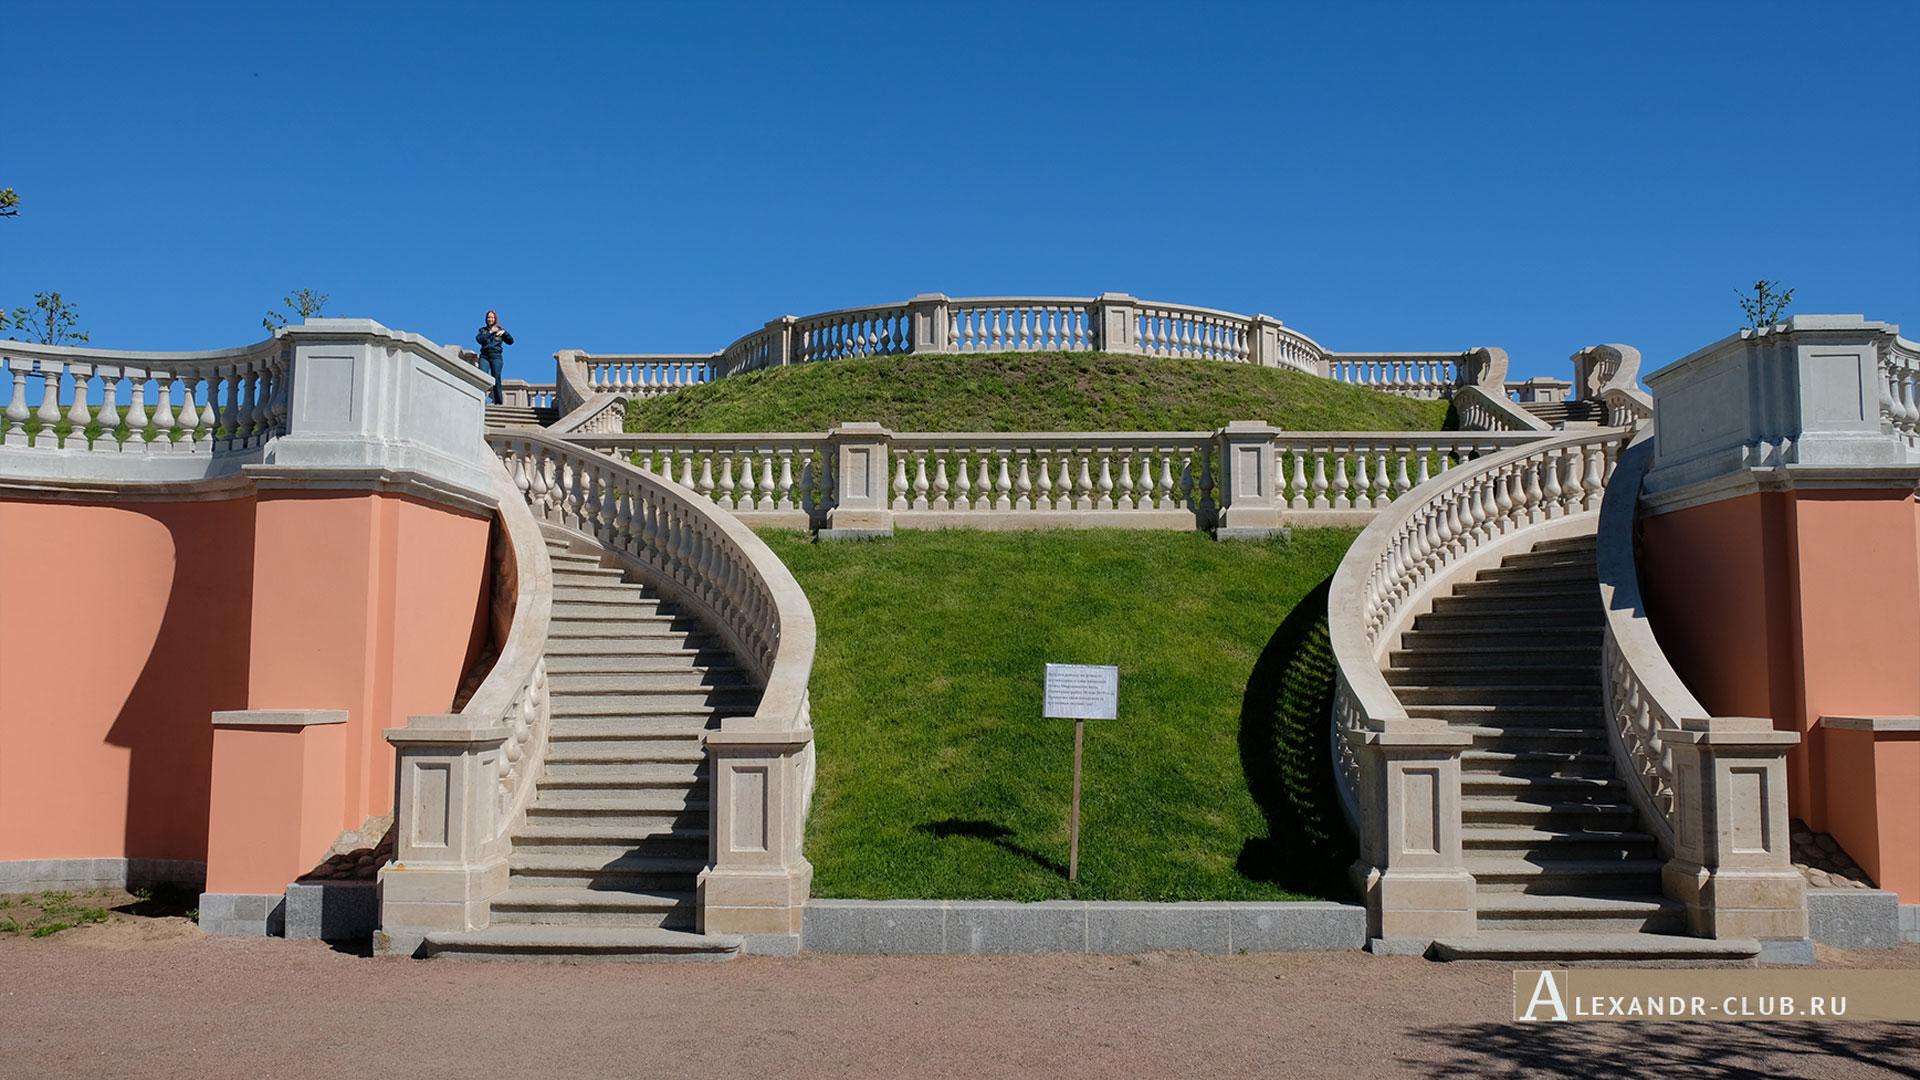 Петергоф, весна, Нижний парк, центральная лестница Марлинского вала